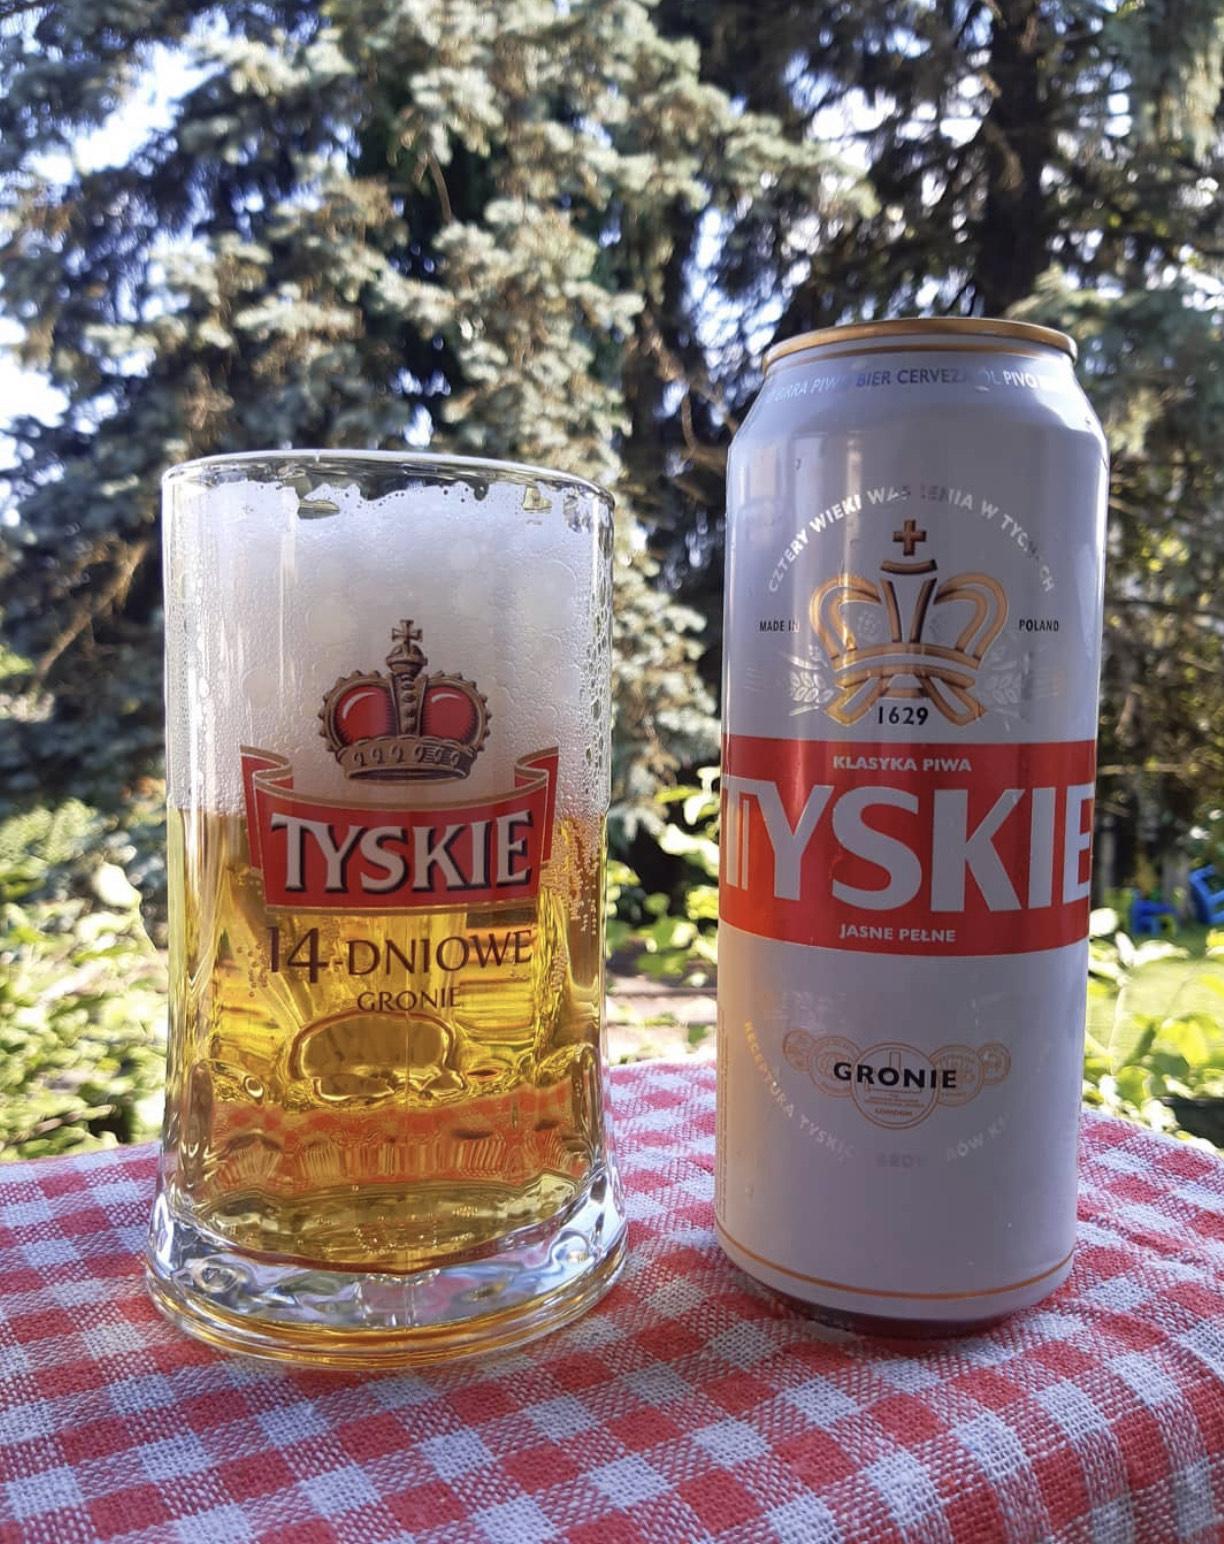 [Marktkauf Nord] Kiste Tyskie Bier oder Radler 20x0.5l für 9.81€ zzgl. 3.10€ Pfand